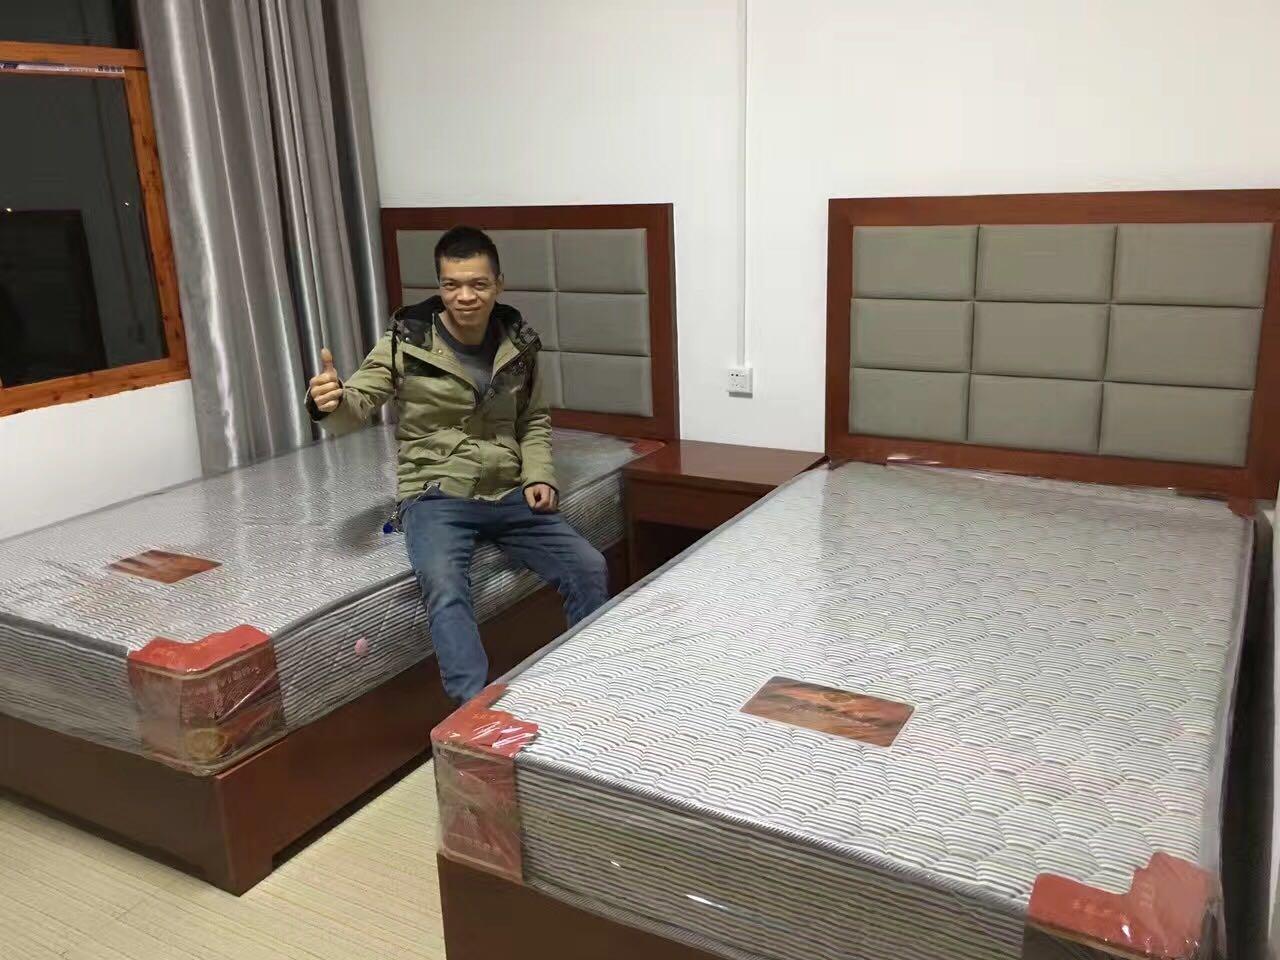 贵阳酒店标准床厂家批发,贵阳星级酒店床垫报价